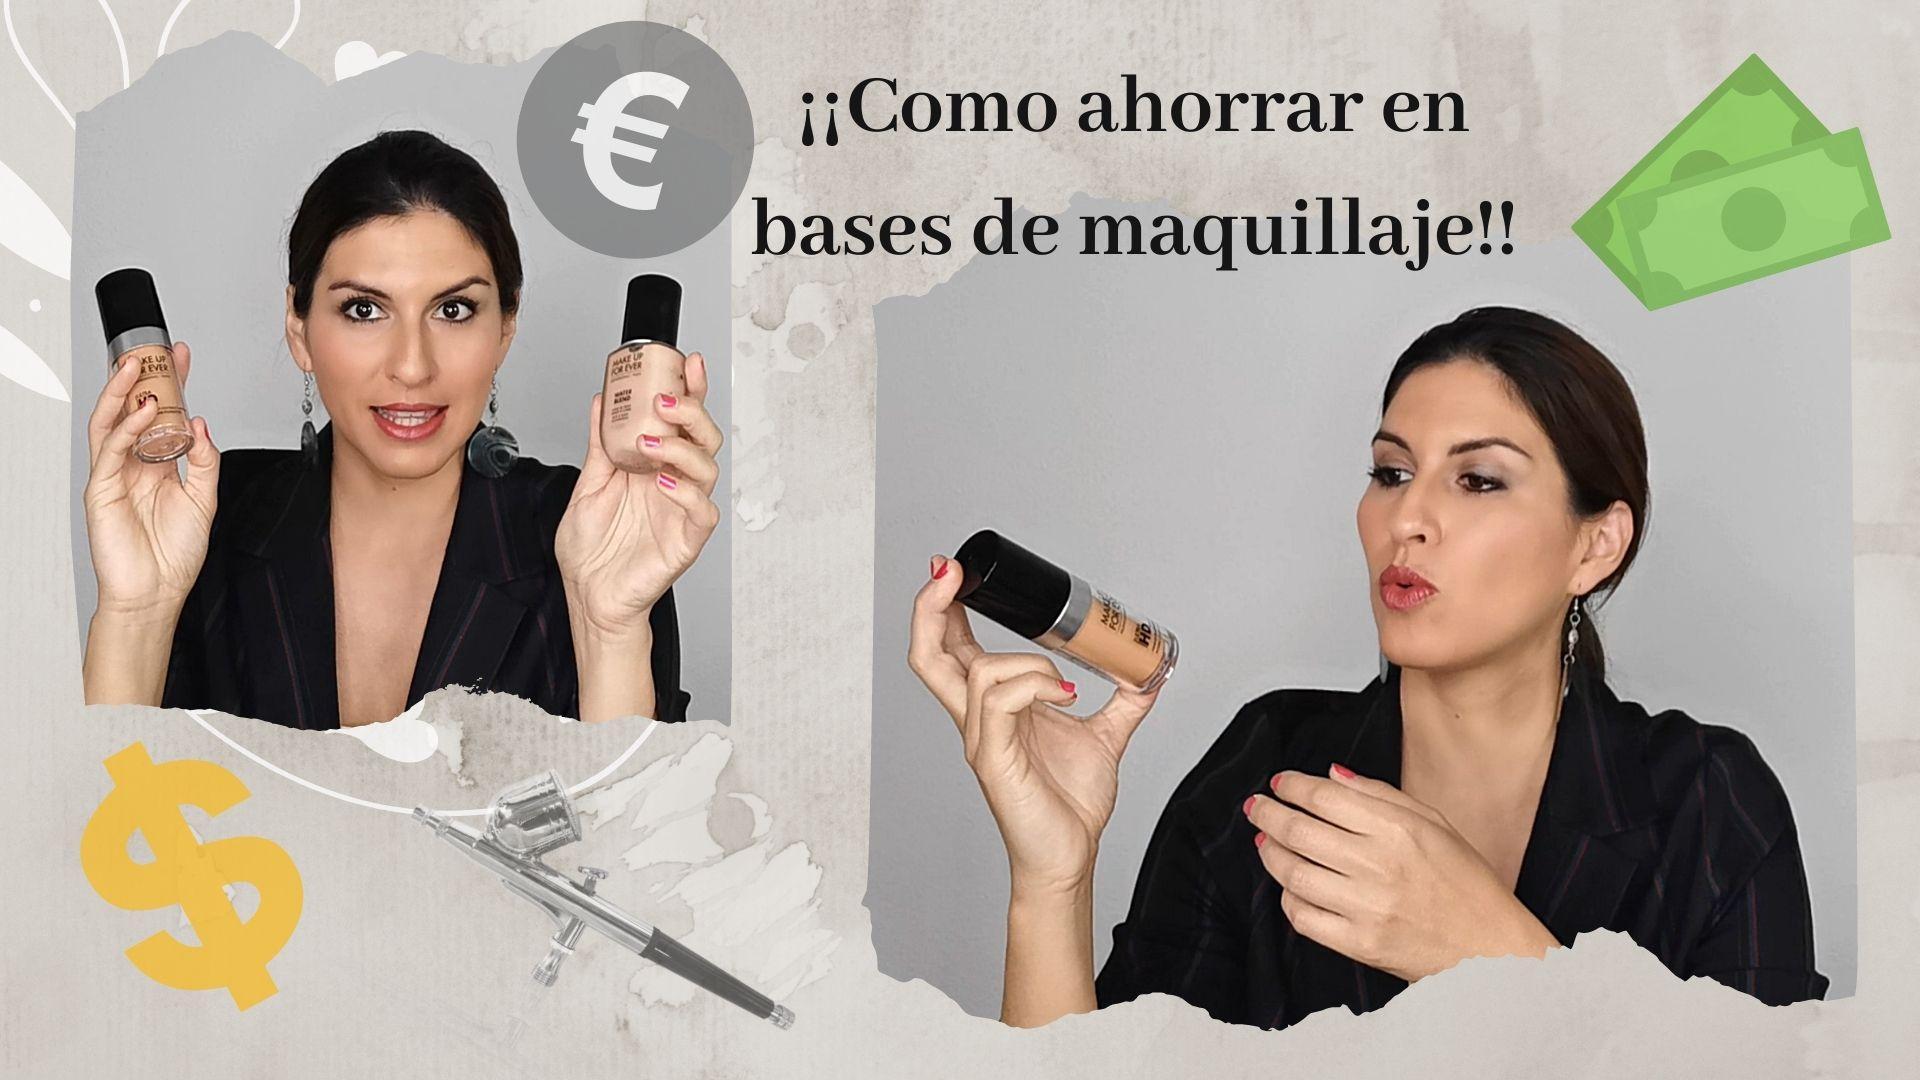 Cómo ahorrar en bases de maquillaje